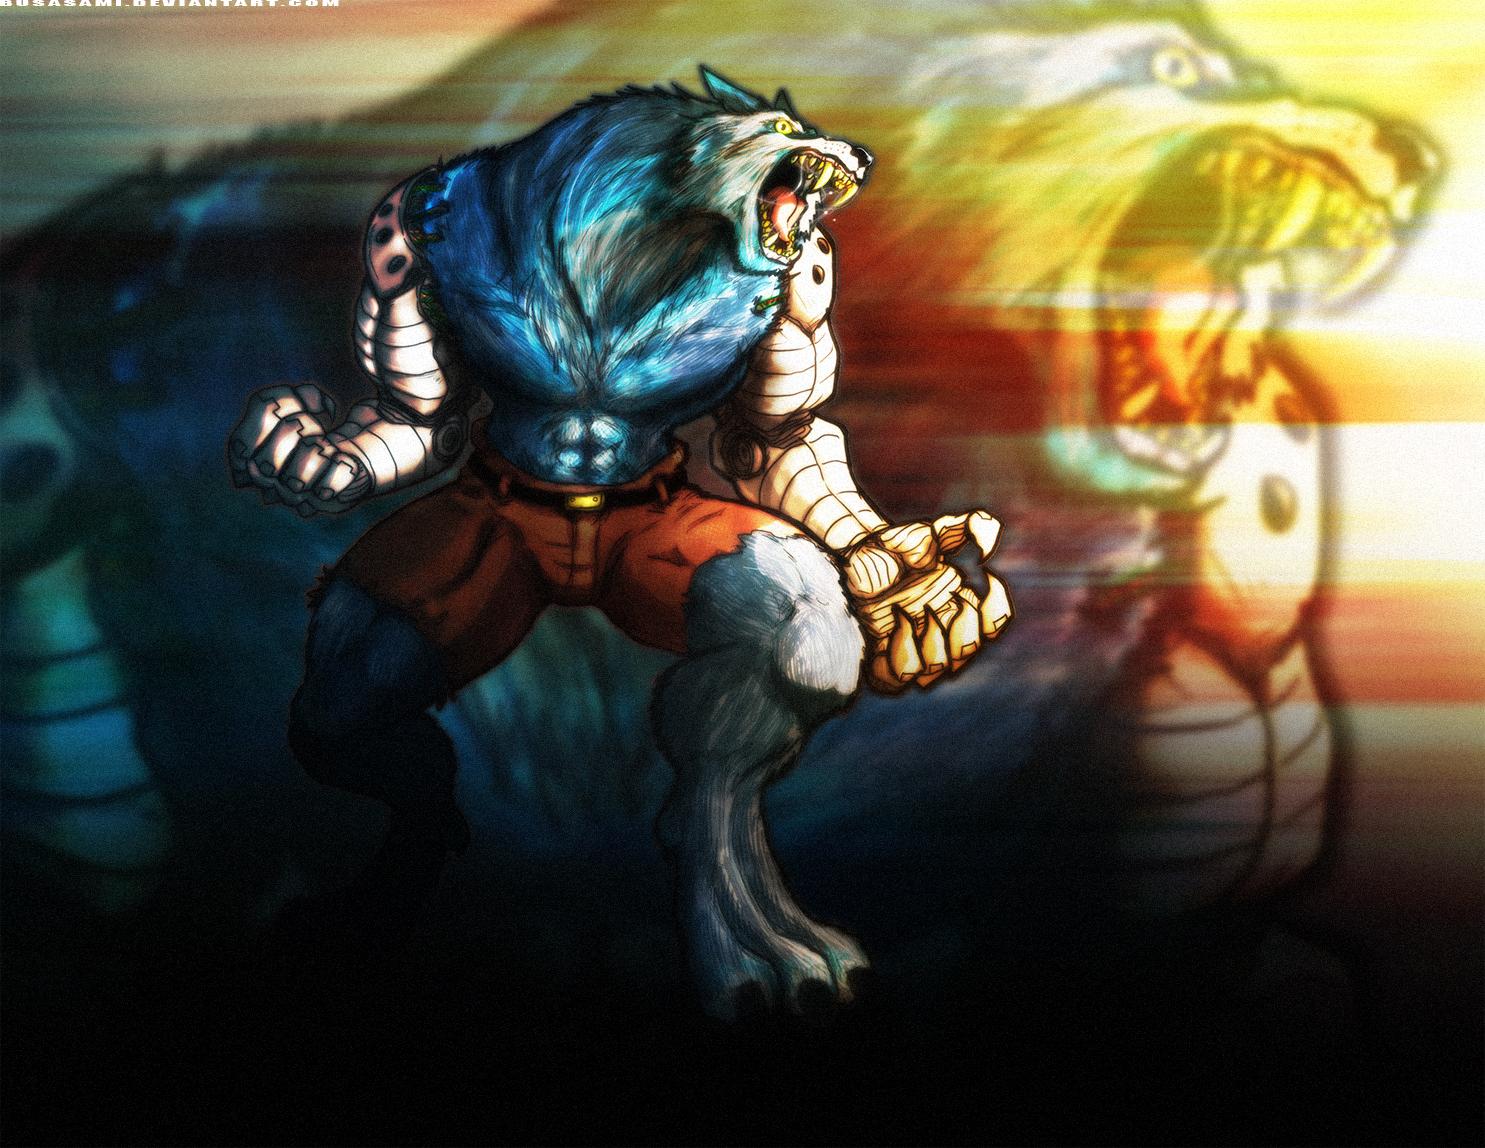 Drawn werewolf sabrewulf Killer Sabrewulf shoomlah DeviantArt by